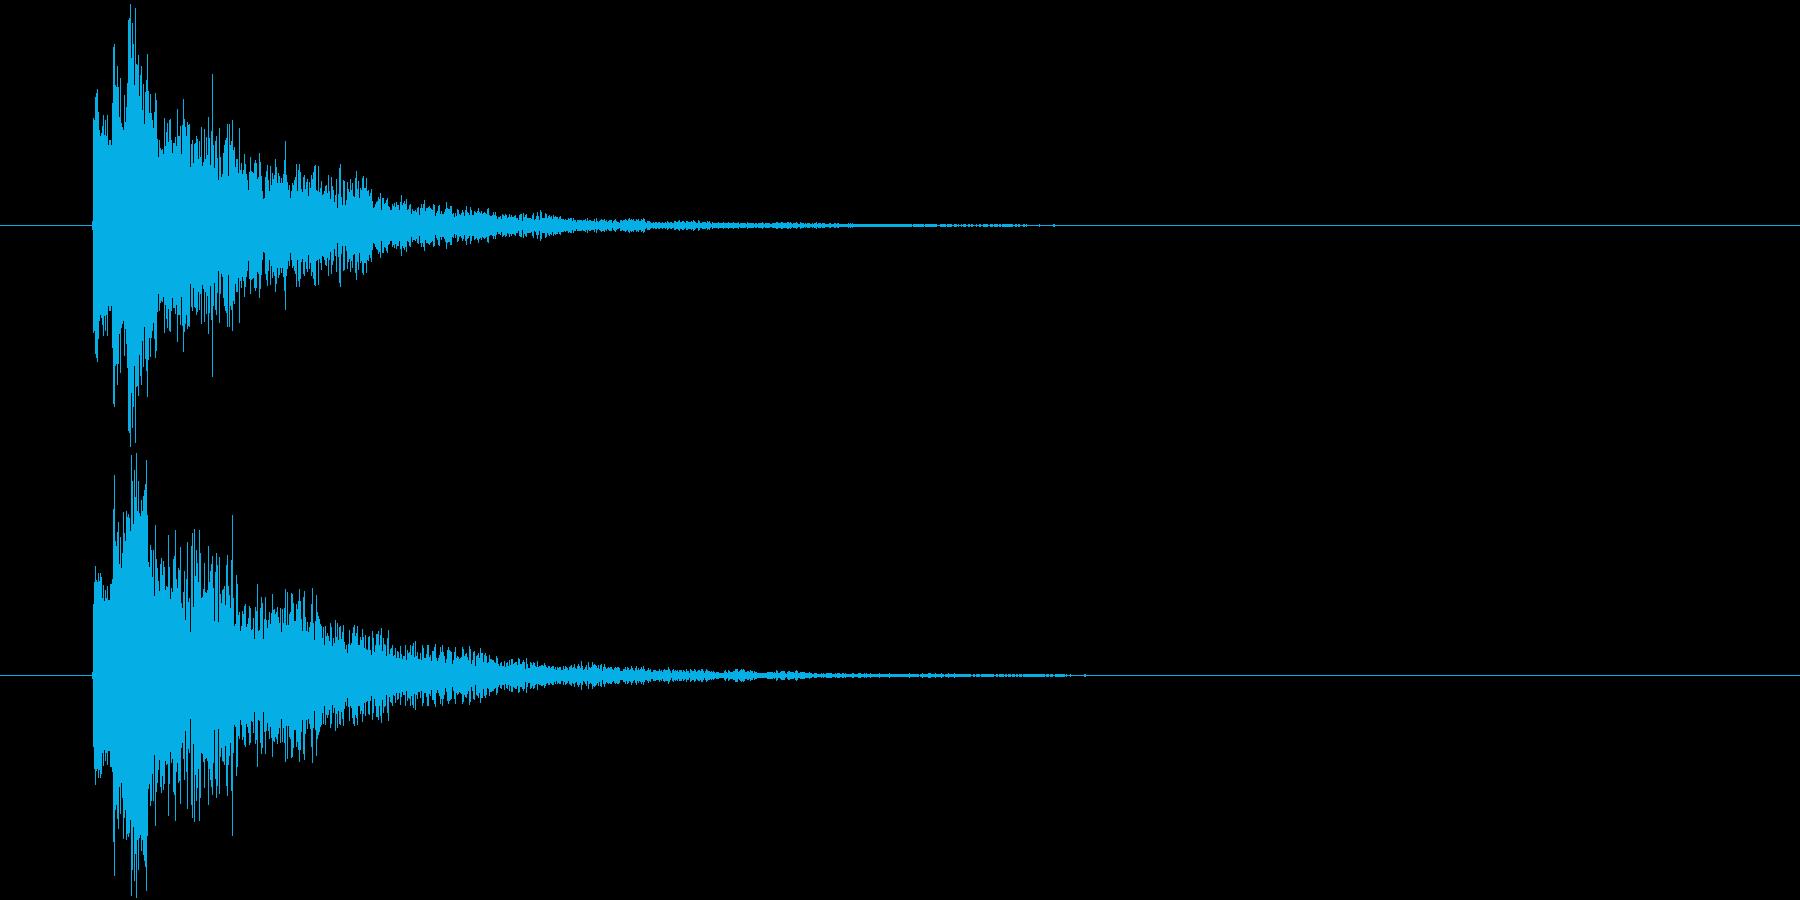 ポロロン①(スタート・テロップ・決定)の再生済みの波形